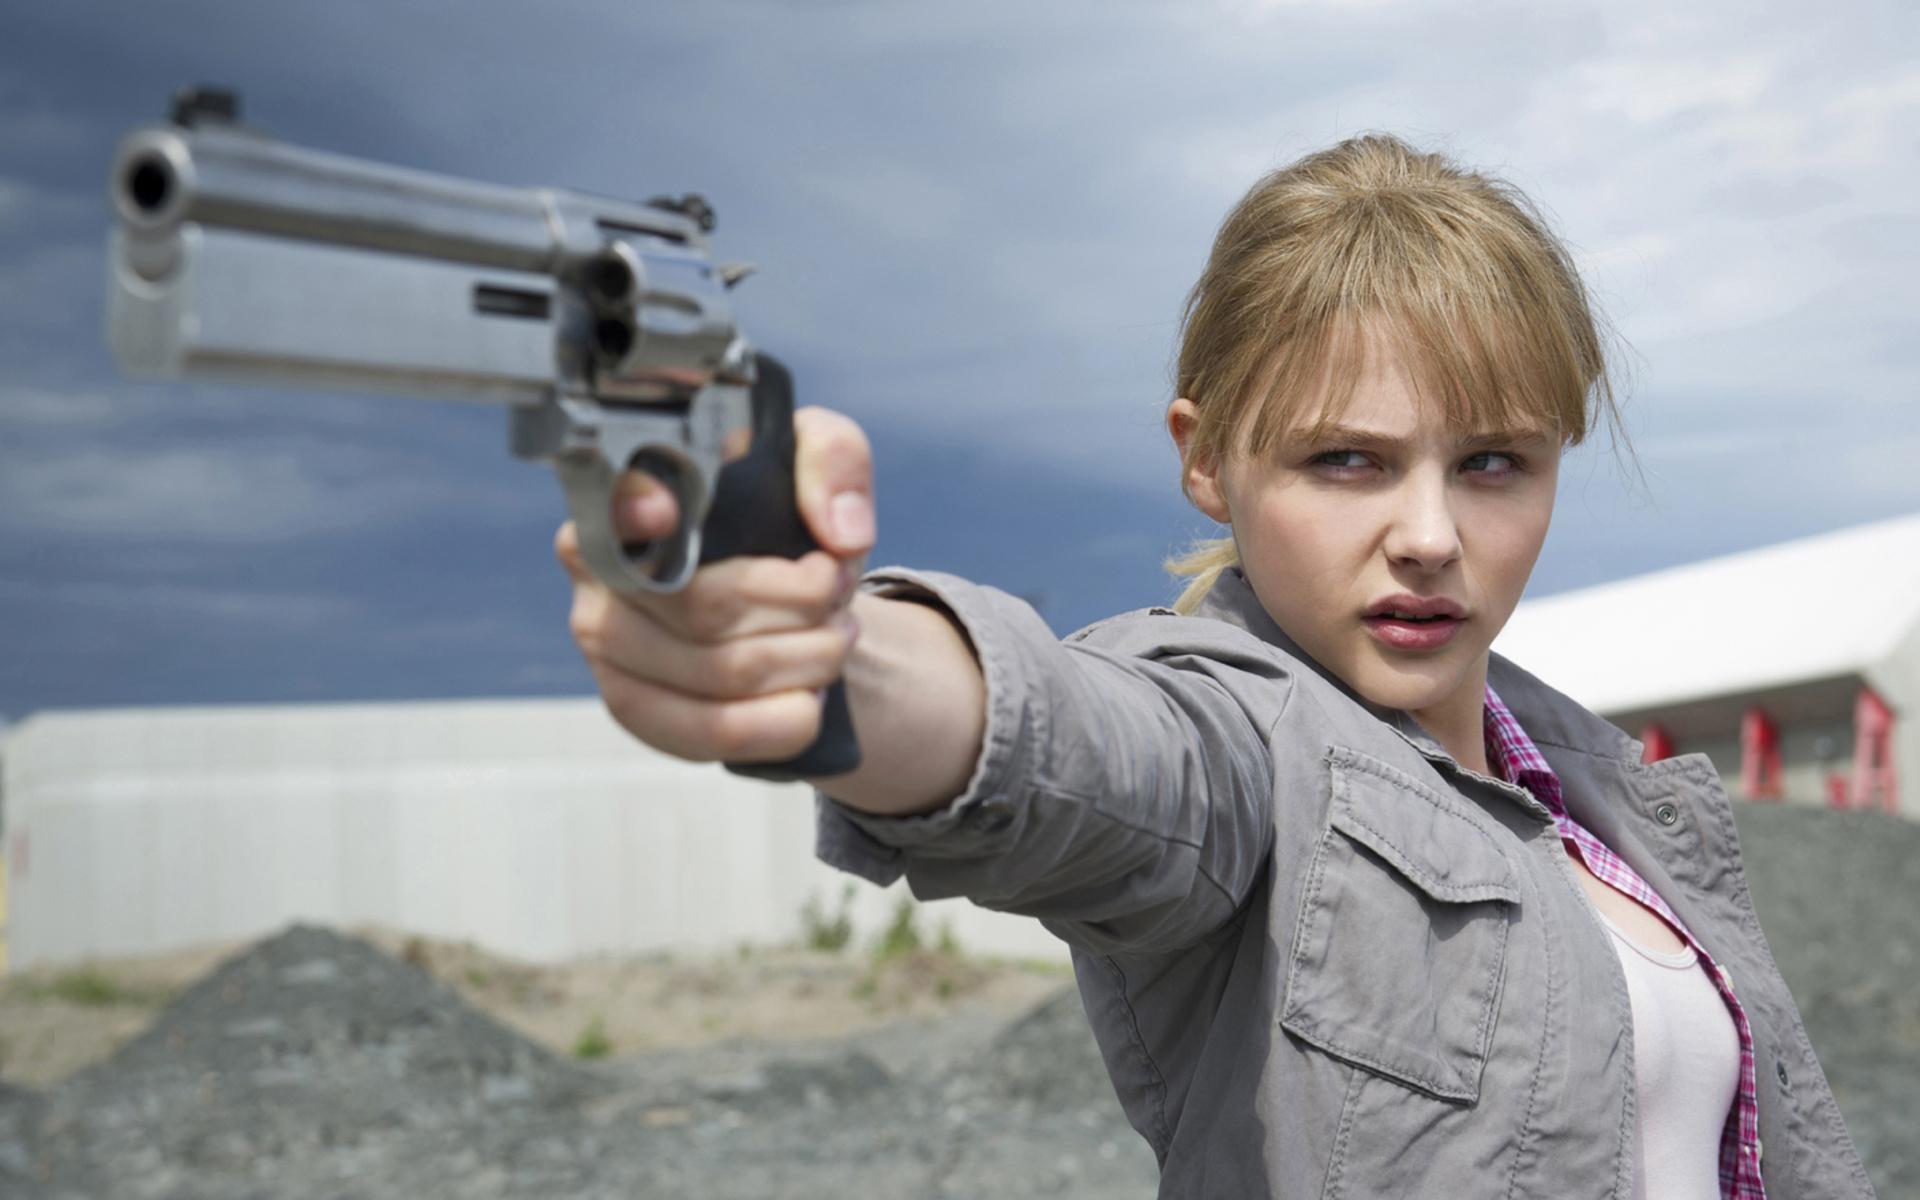 guns chloe moretz - photo #5